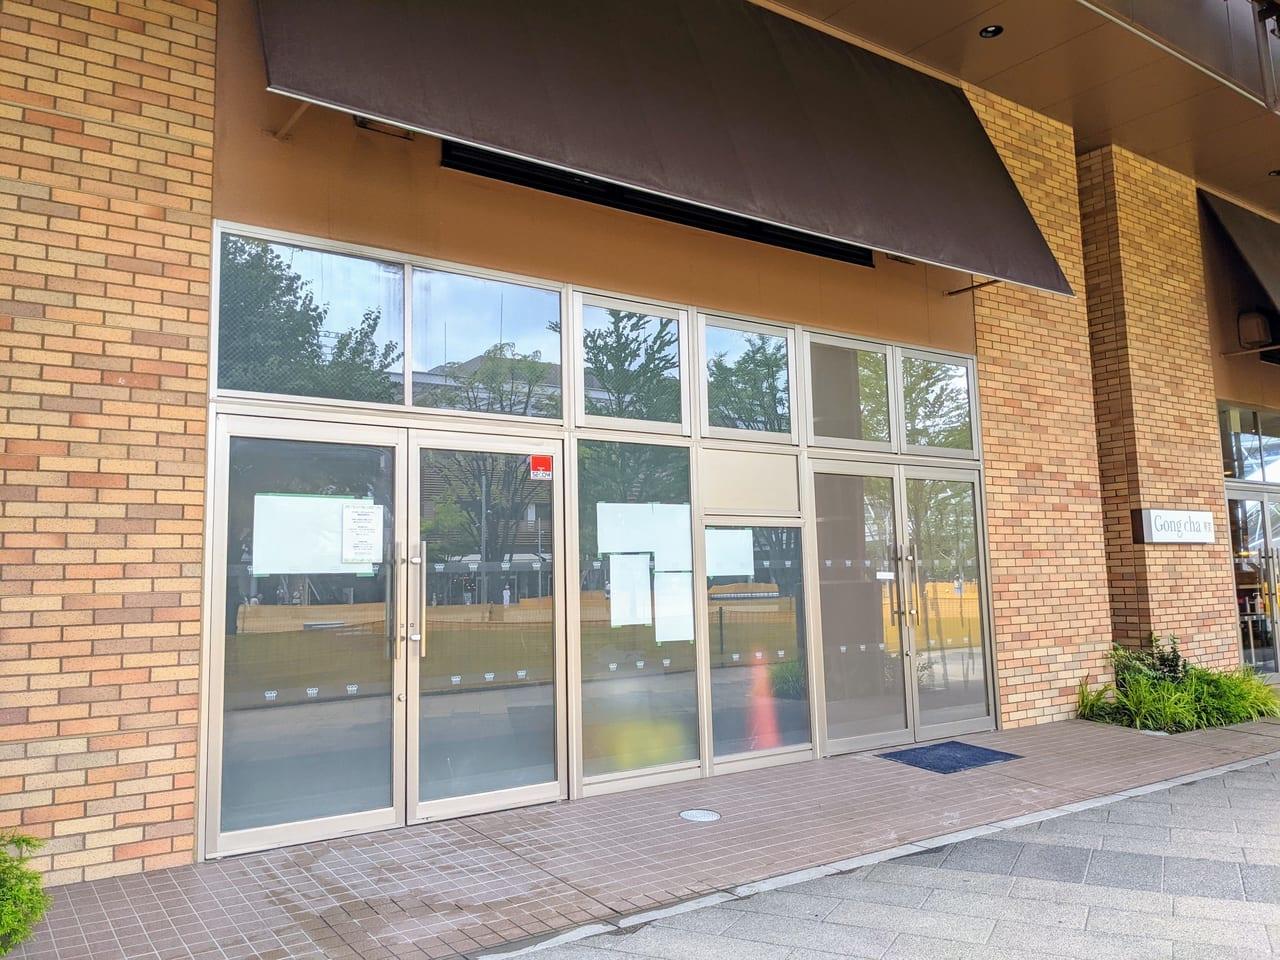 「カフェレクセル」がこかげテラスの「クリスピー・クリーム・ドーナツ」跡地に7月末にオープン!